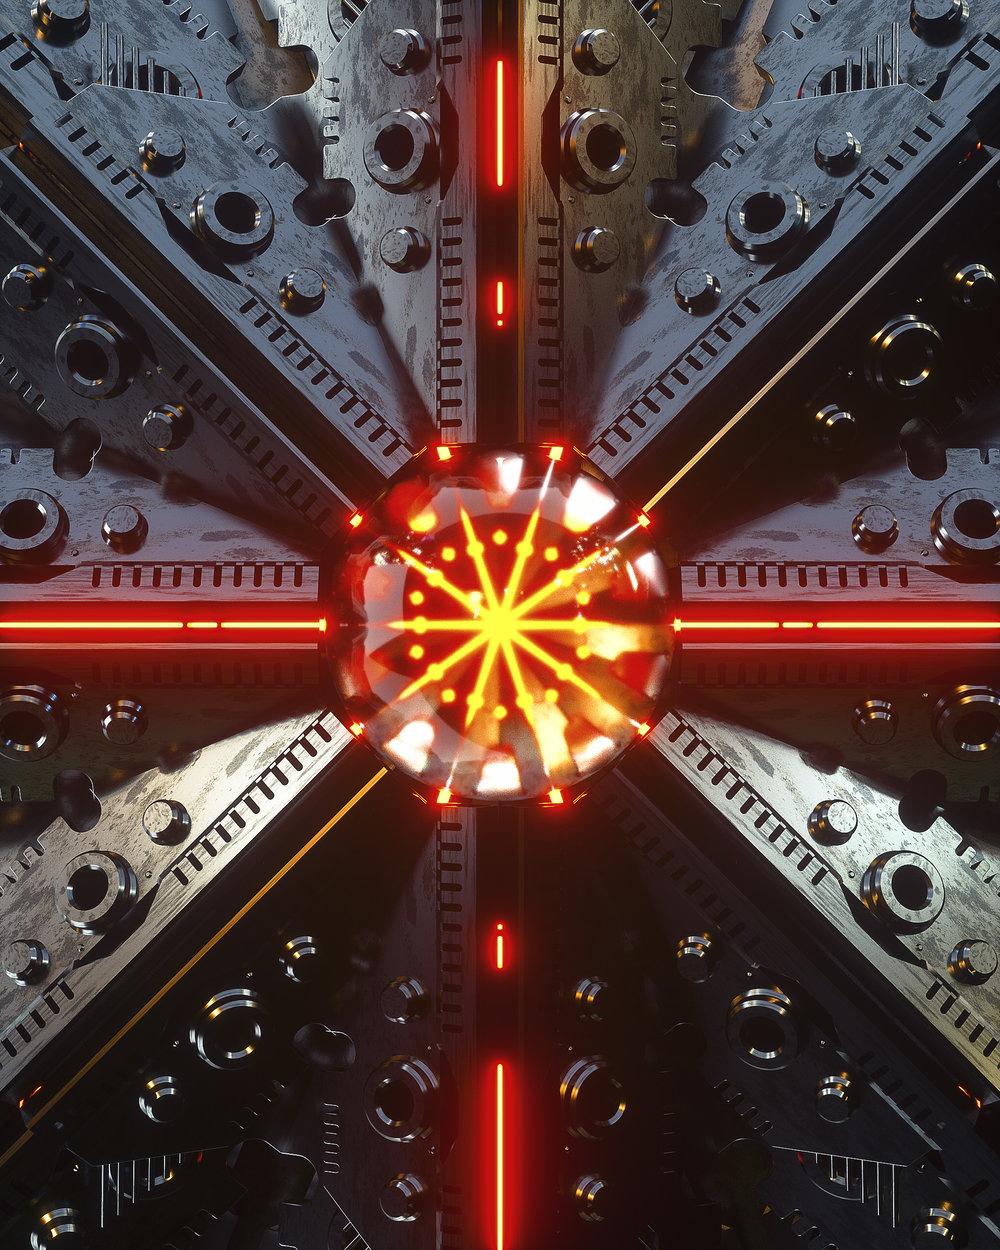 [15-04-18] - Collider.jpg